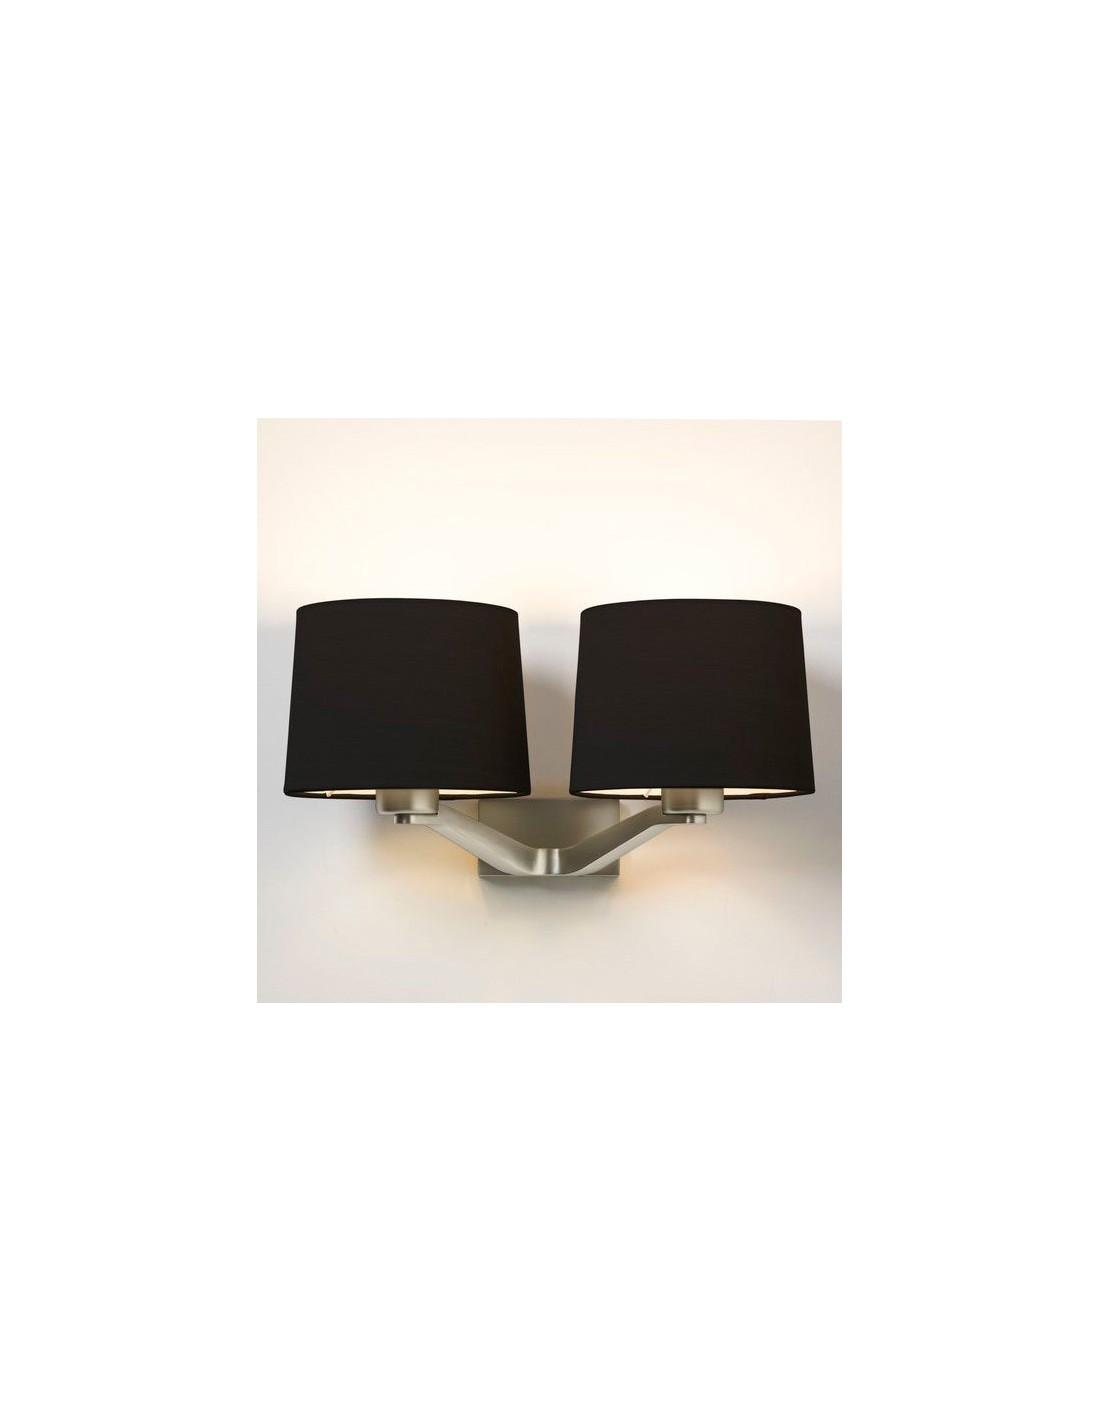 Applique Montclair Twin nickel mat abat jour noir astro lighting